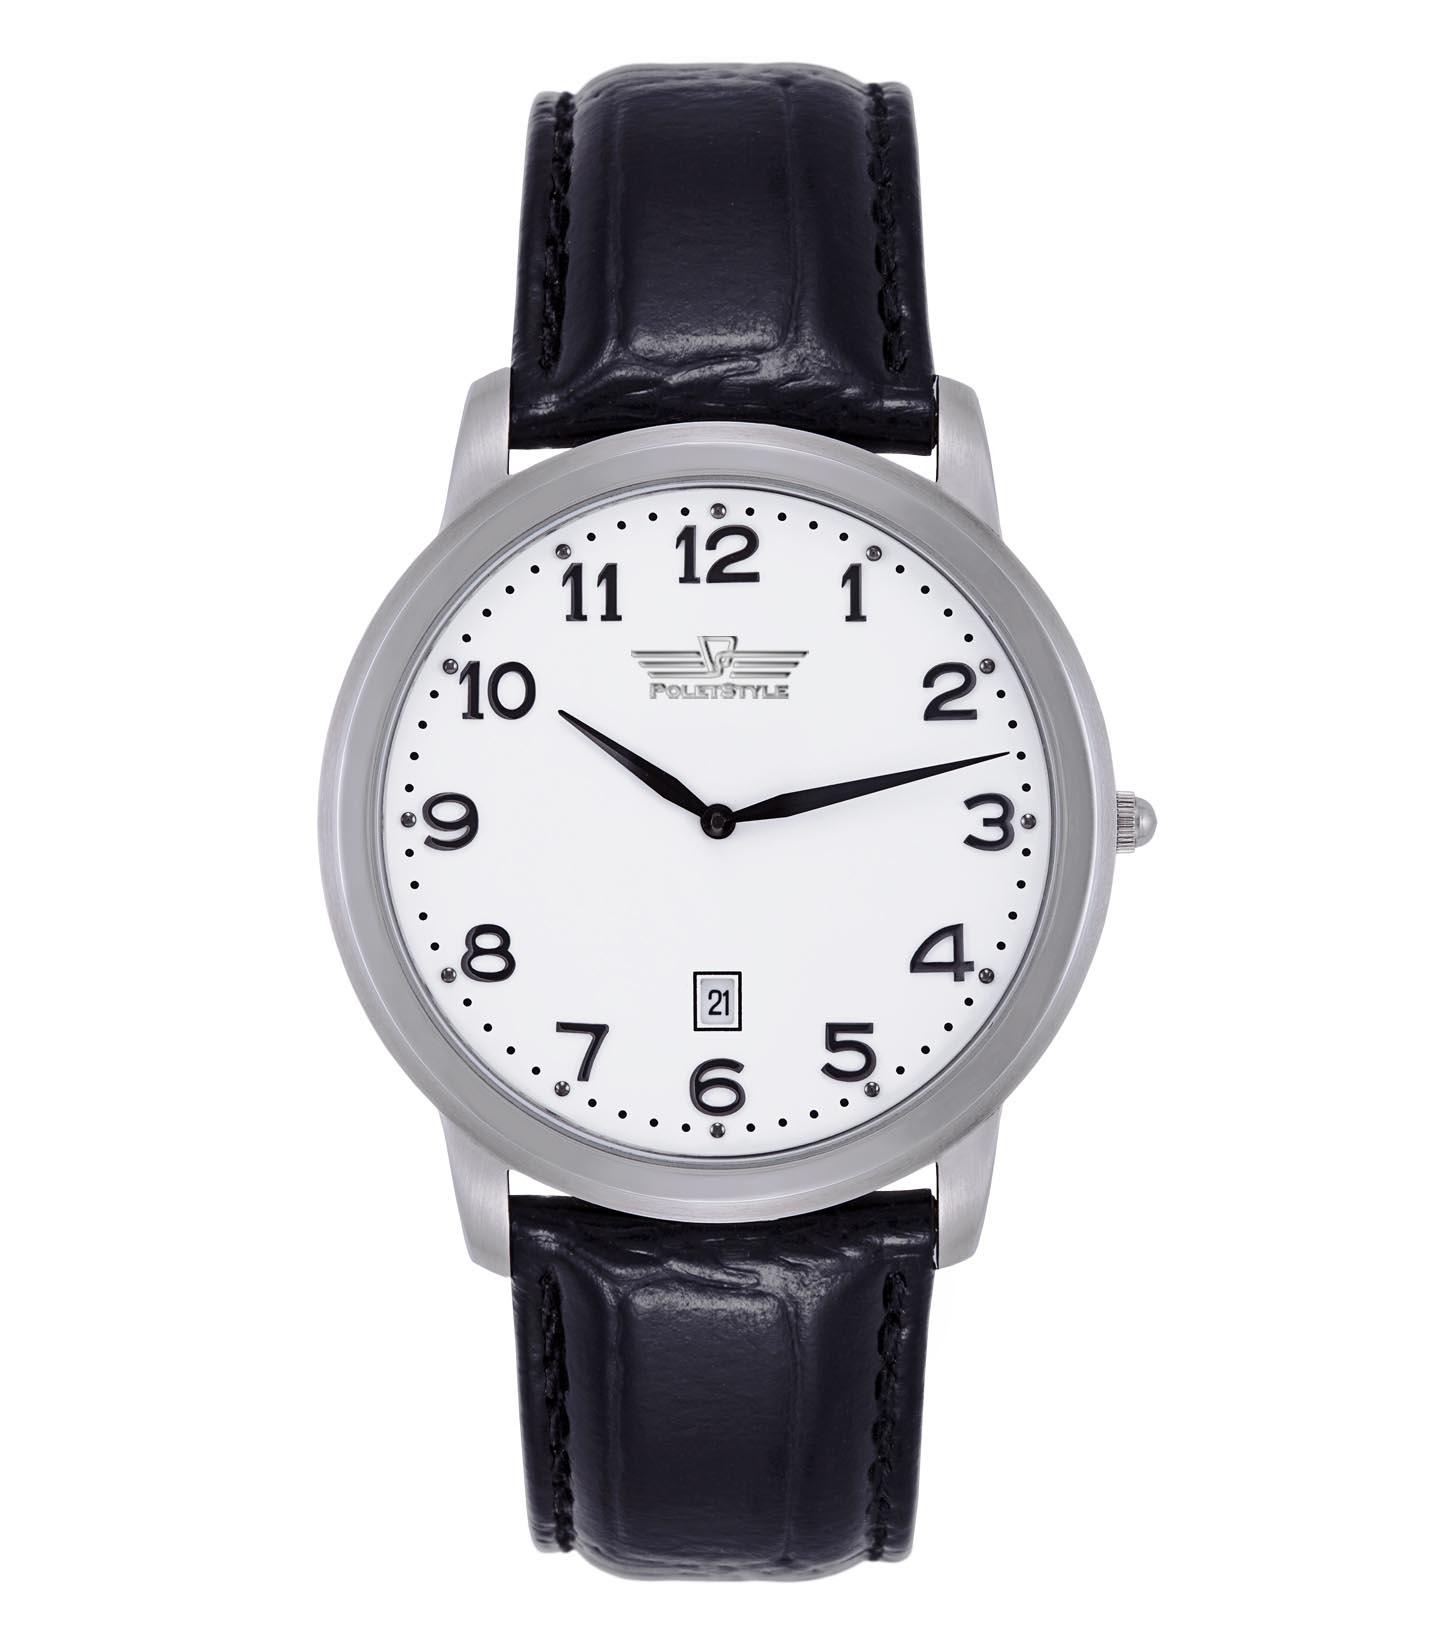 8313befb Мужские кварцевые часы - 1М15/168.1.034 ...